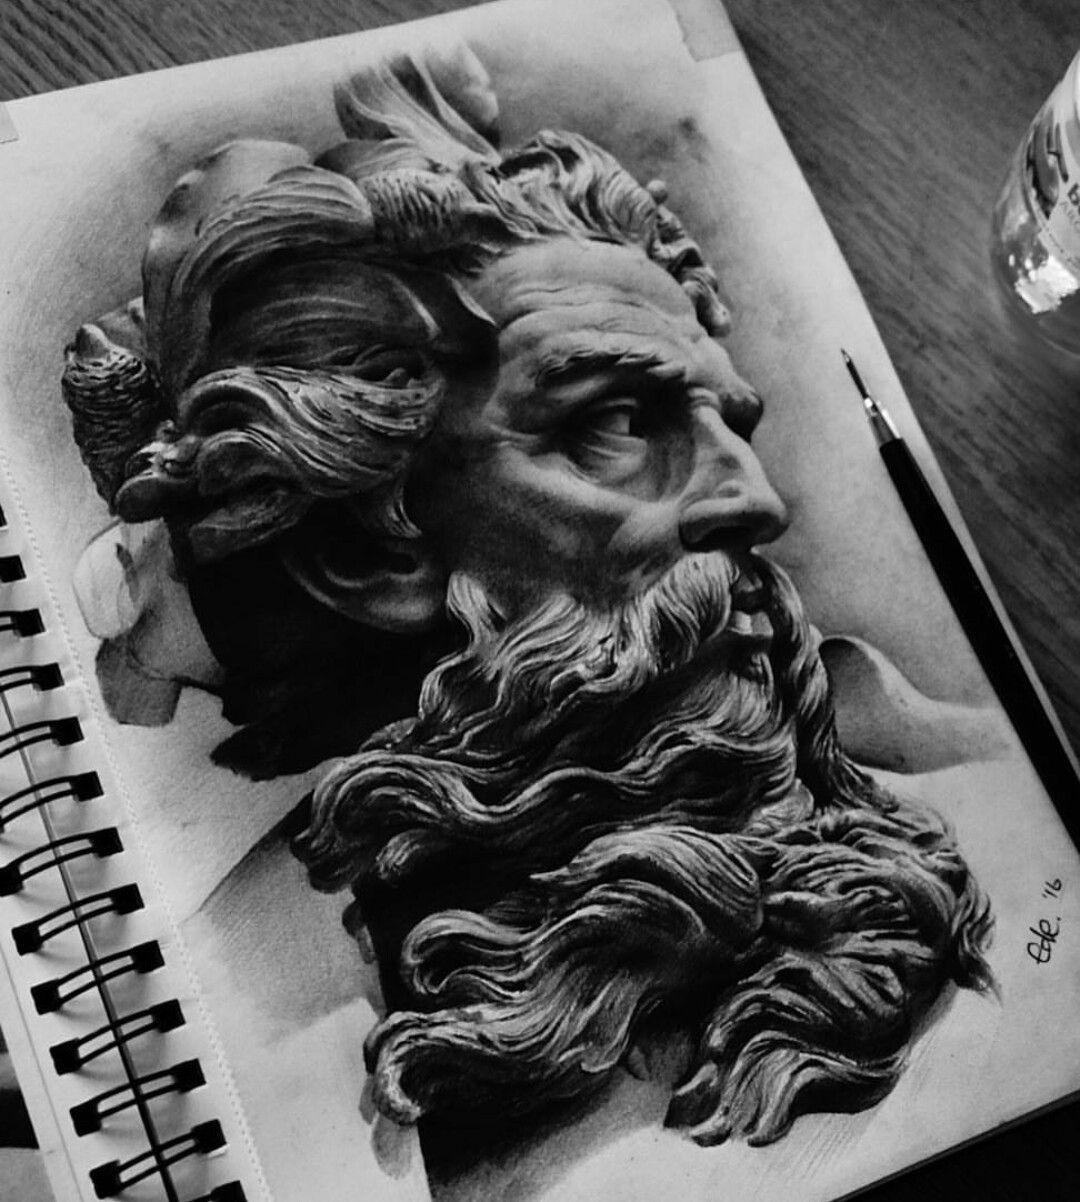 Pin By Shahd Esmail On Art Zeus Tattoo Sleeve Tattoos Greek Tattoos